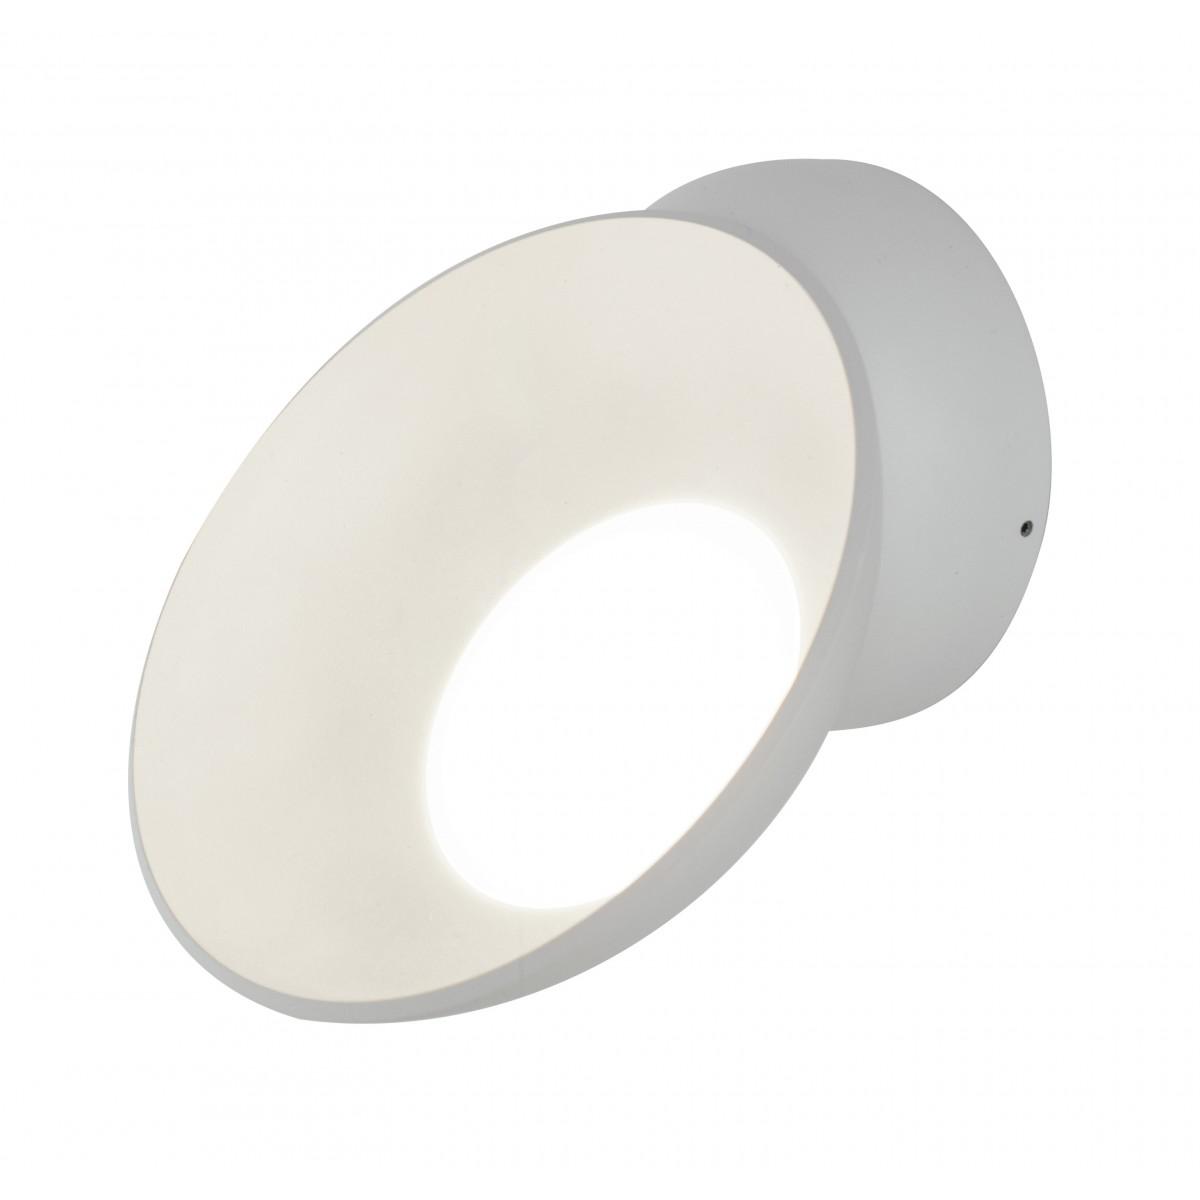 Applique bianca tonda orientabile con